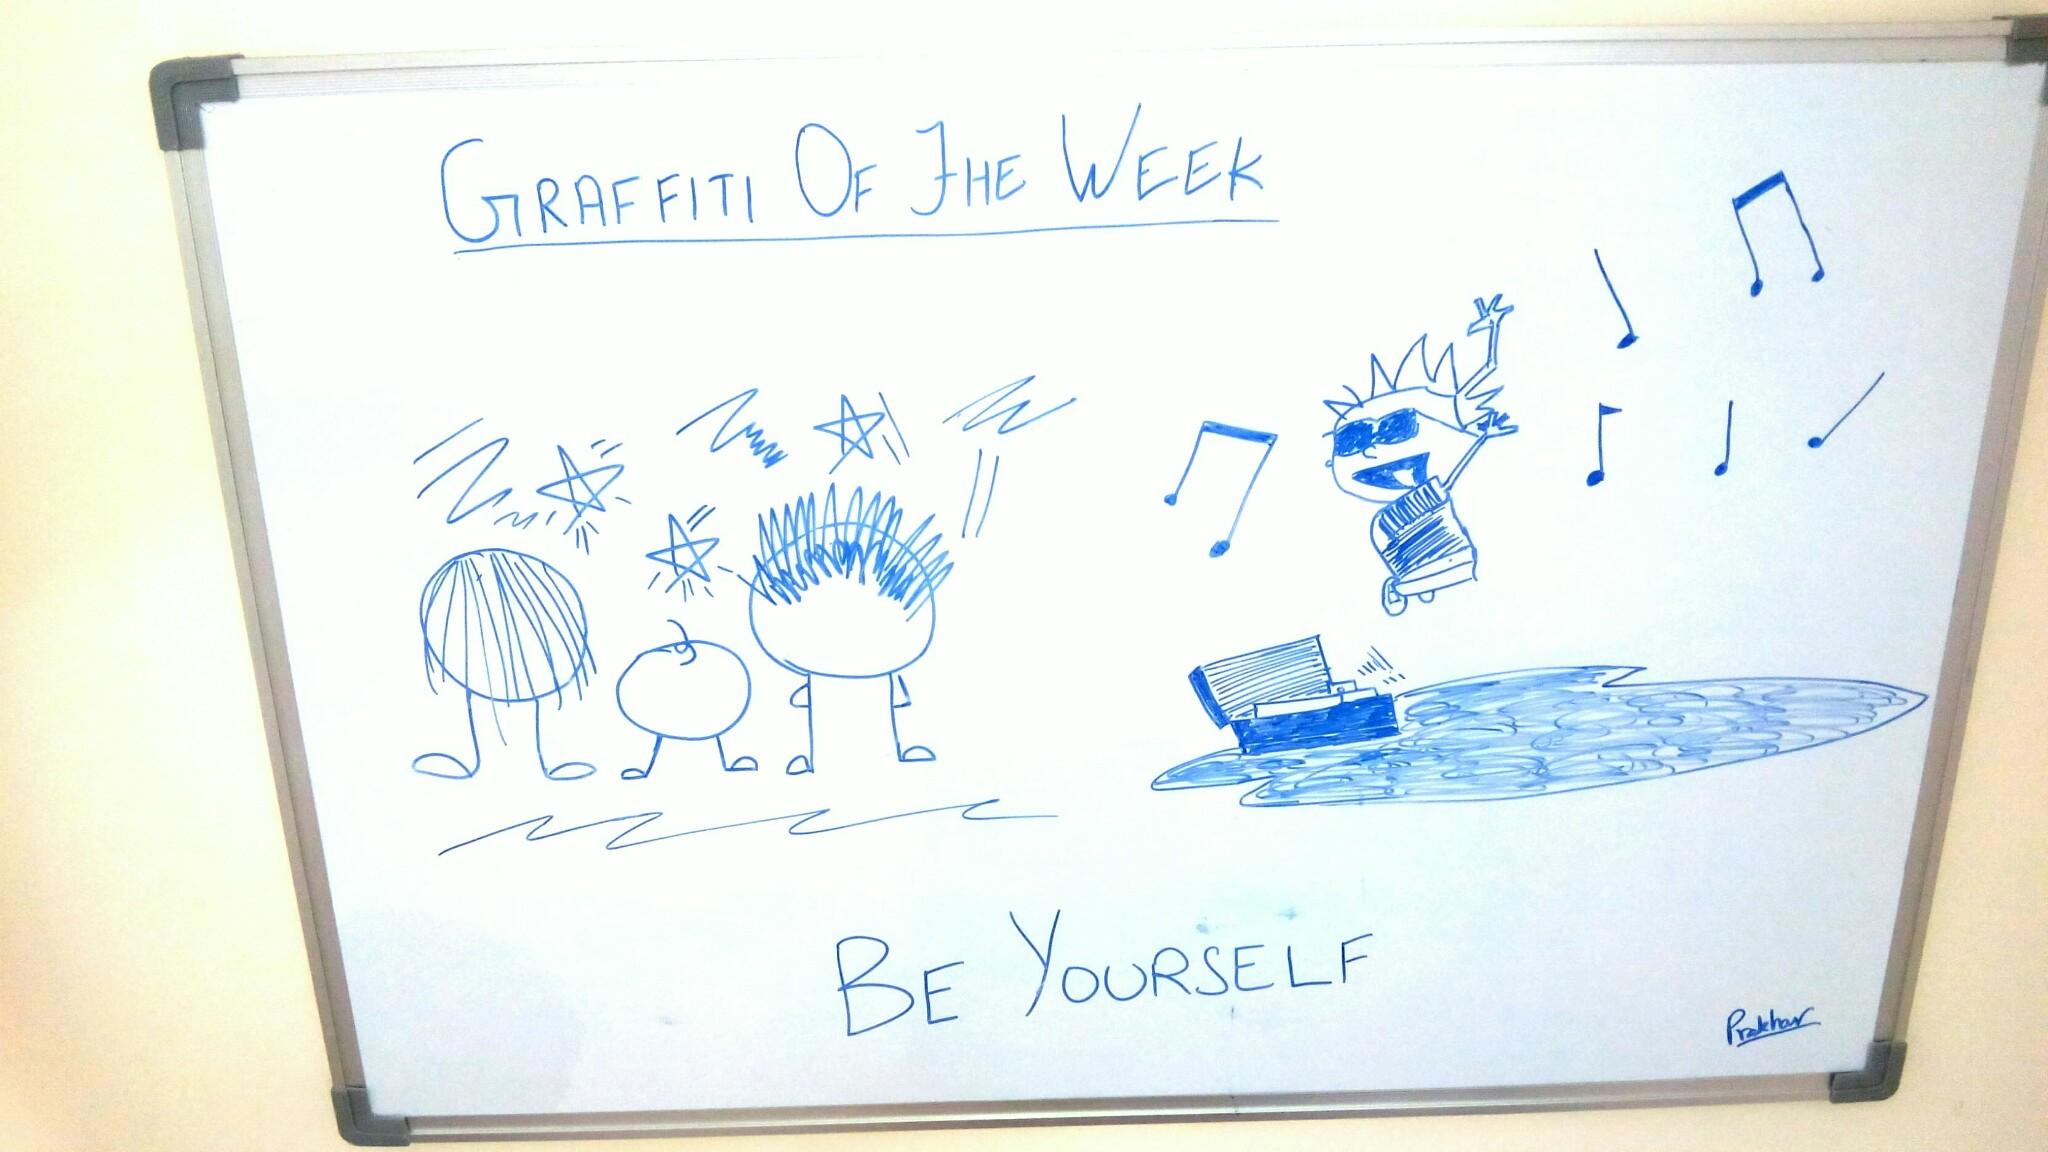 Be Yourself Graffiti